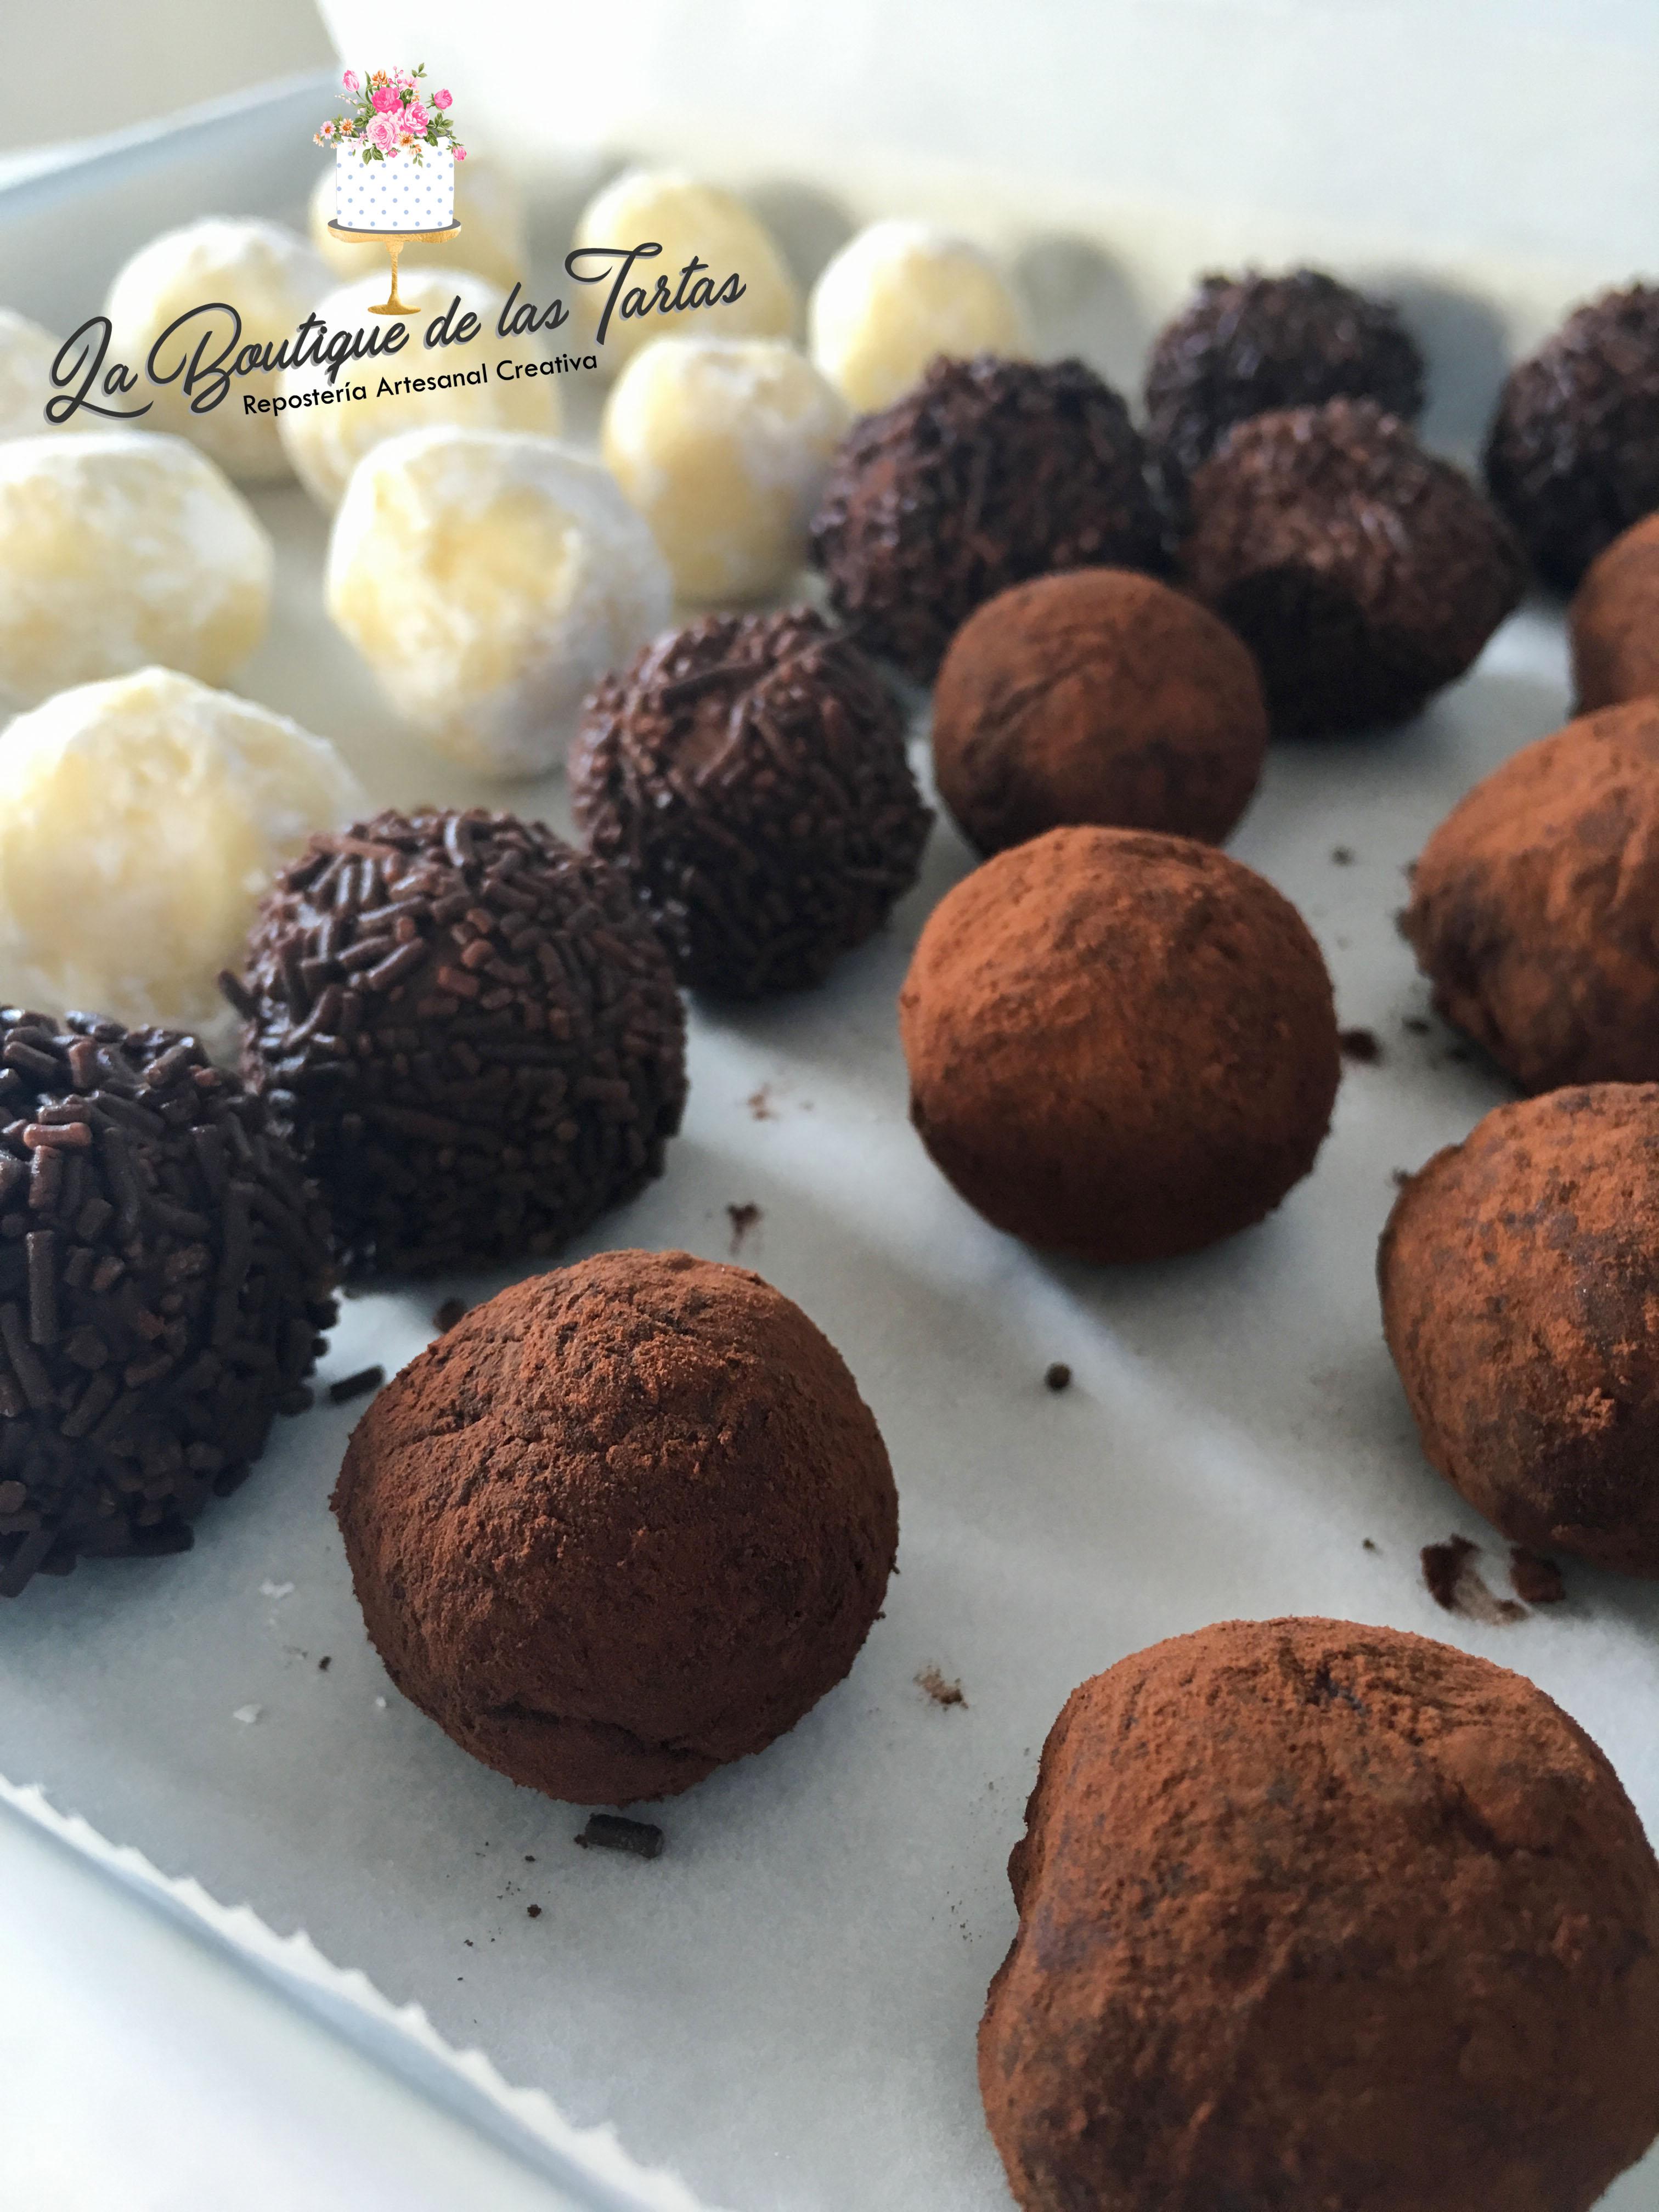 Trufas_chocolate_Cantabria